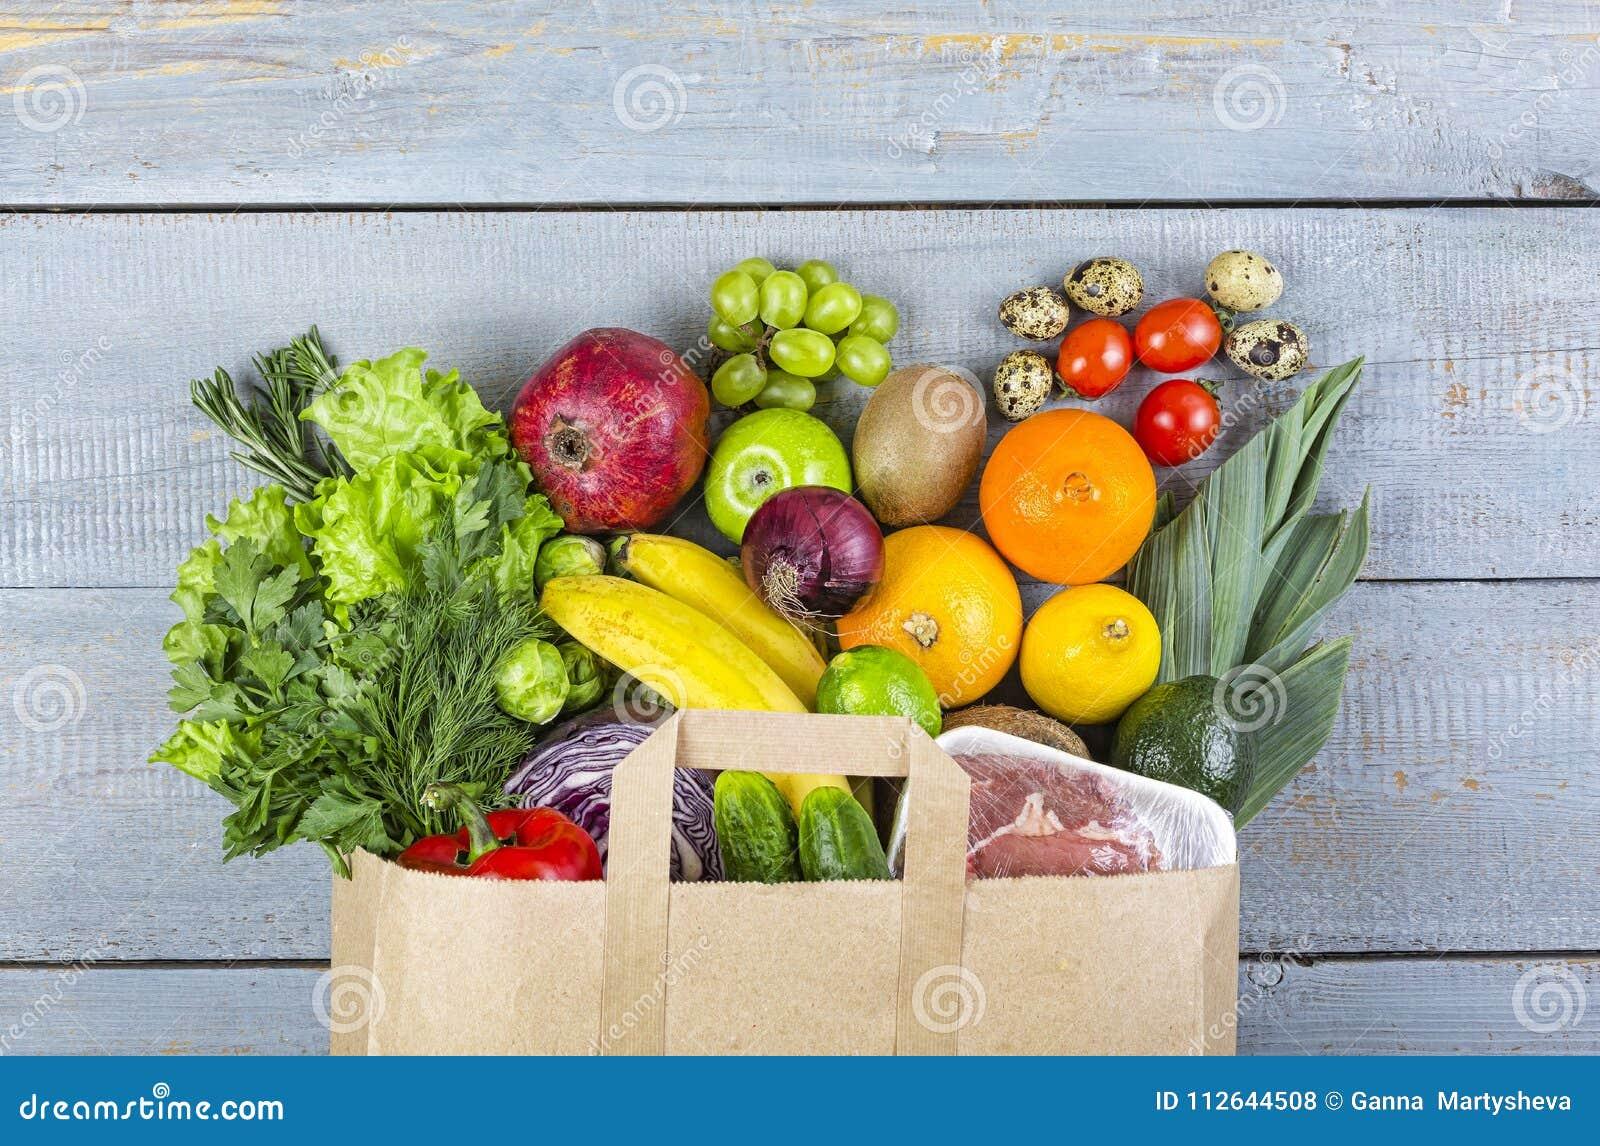 Sunt mat, livsmedelsbutik, bakgrund, korg, påse, grönsaker, fis